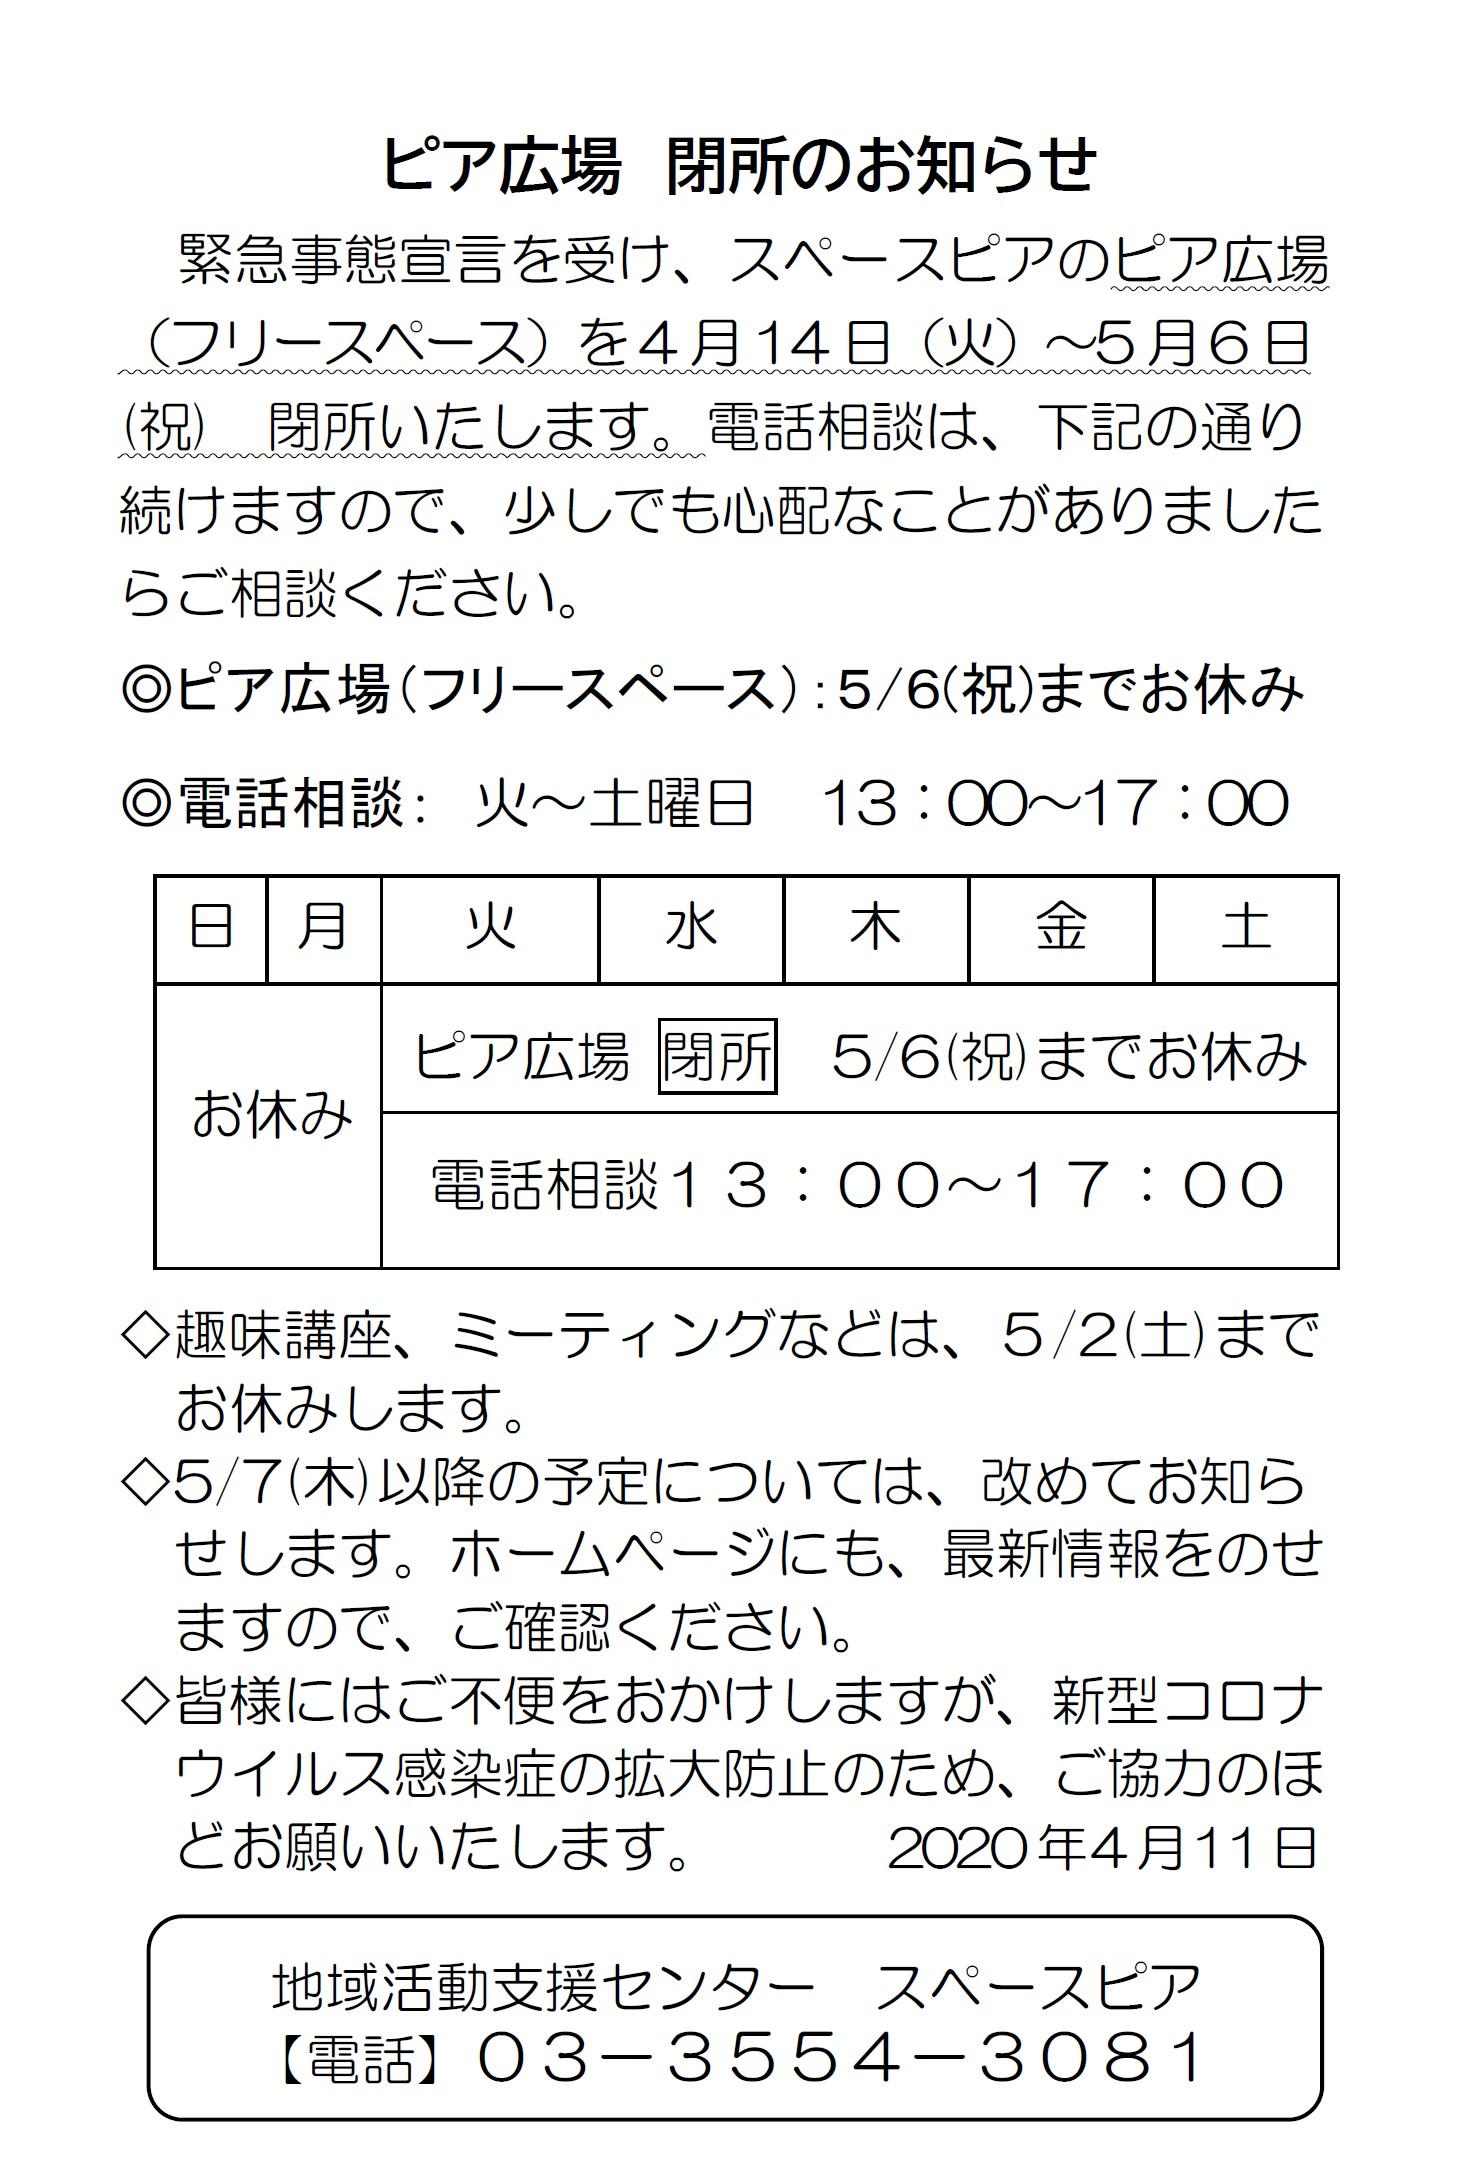 【4/10(金) 追記変更】4月フリースペースお休みのお知らせ